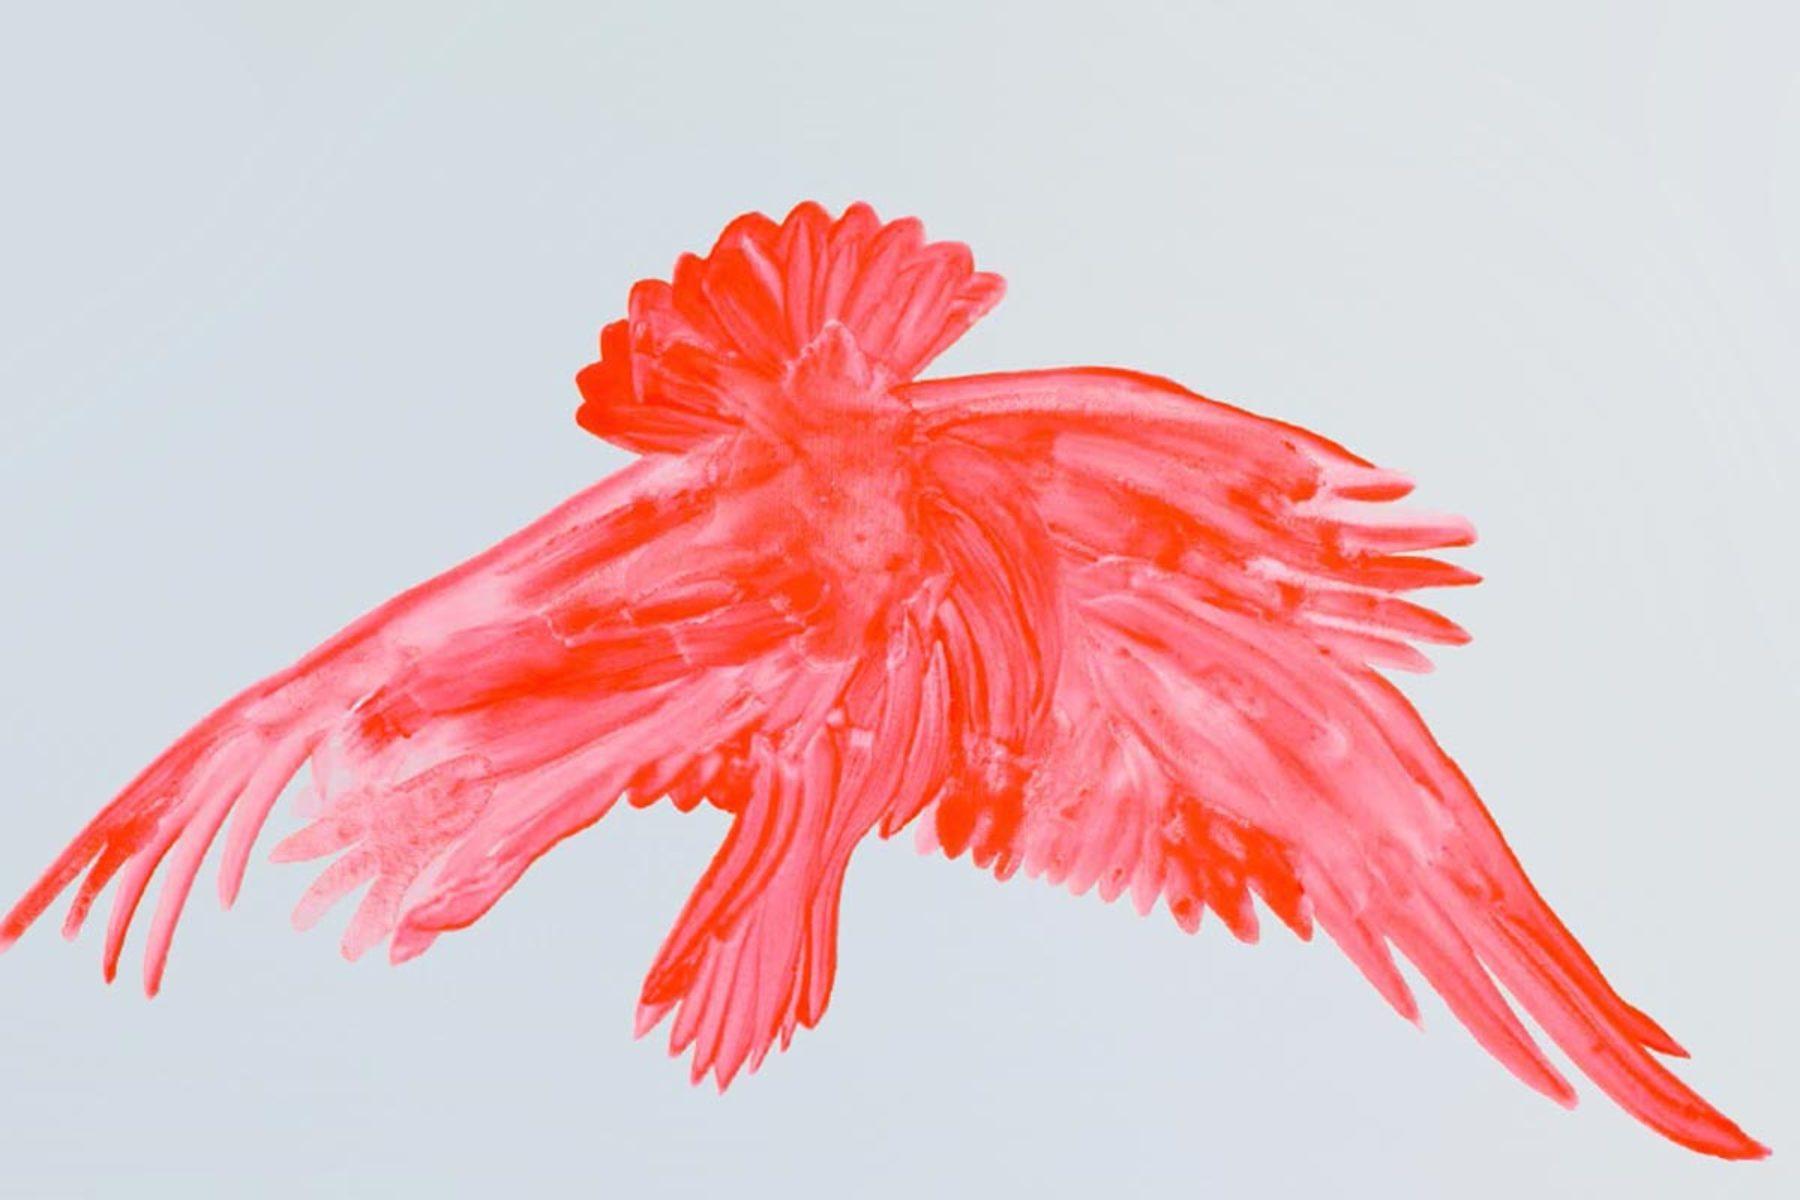 F. Lanaro, An eagle has not flag, 2013, acrylic on canvas, 80 x 100 cm